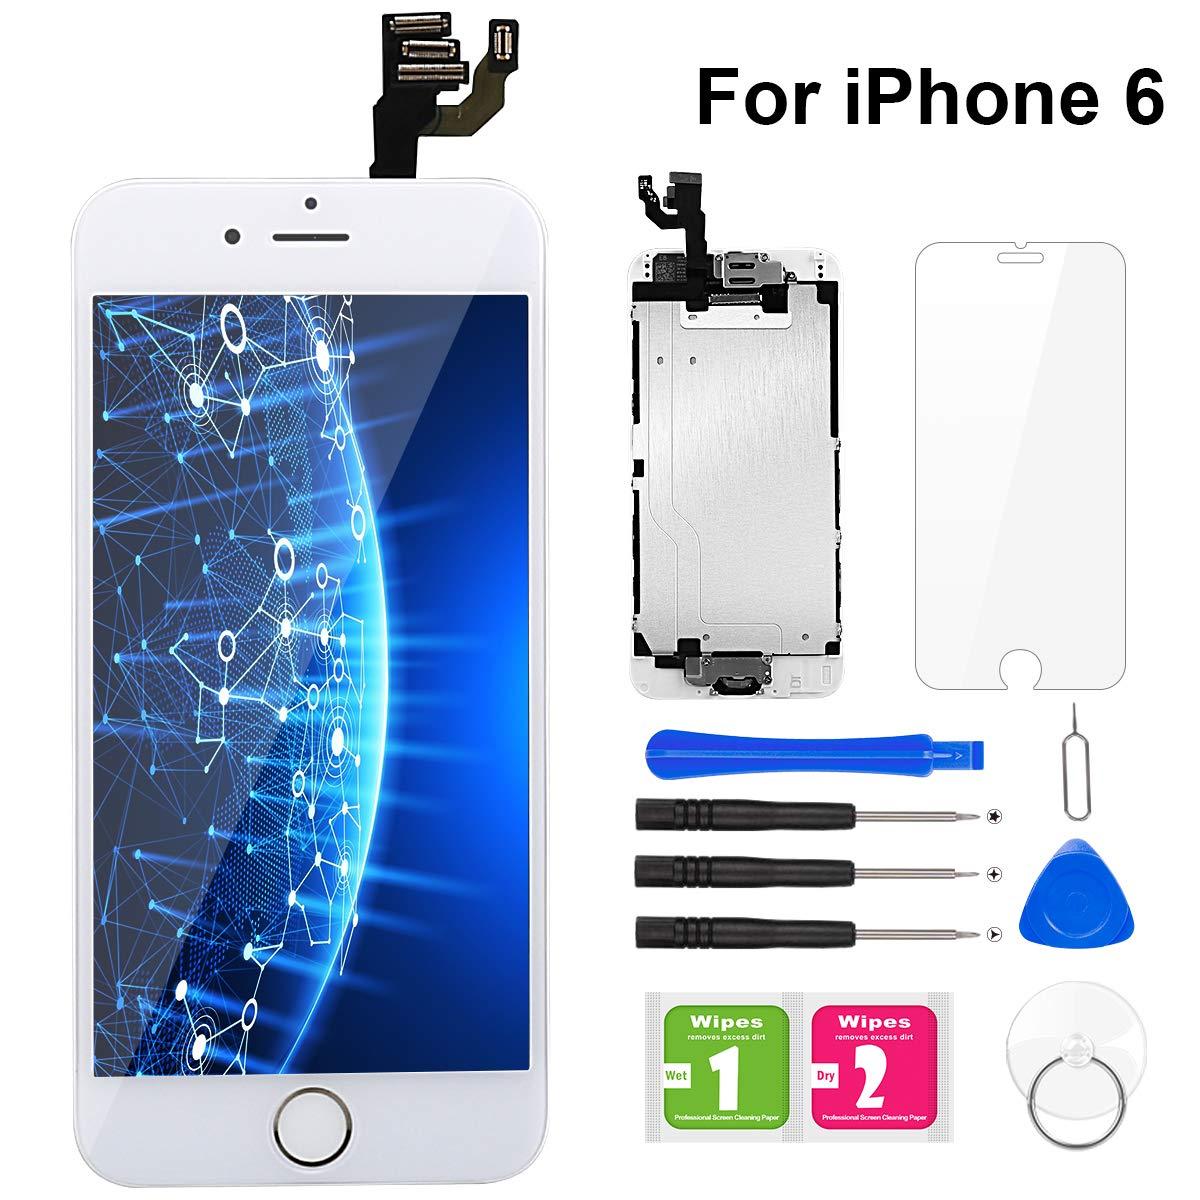 BuTure Para Pantalla iPhone 6 Blanco Pantalla Táctil LCD con Cámara frontal,Sensor de proximidad,altavoz, ensamblaje de marco digitalizador y kit de reparación: Amazon.es: Electrónica